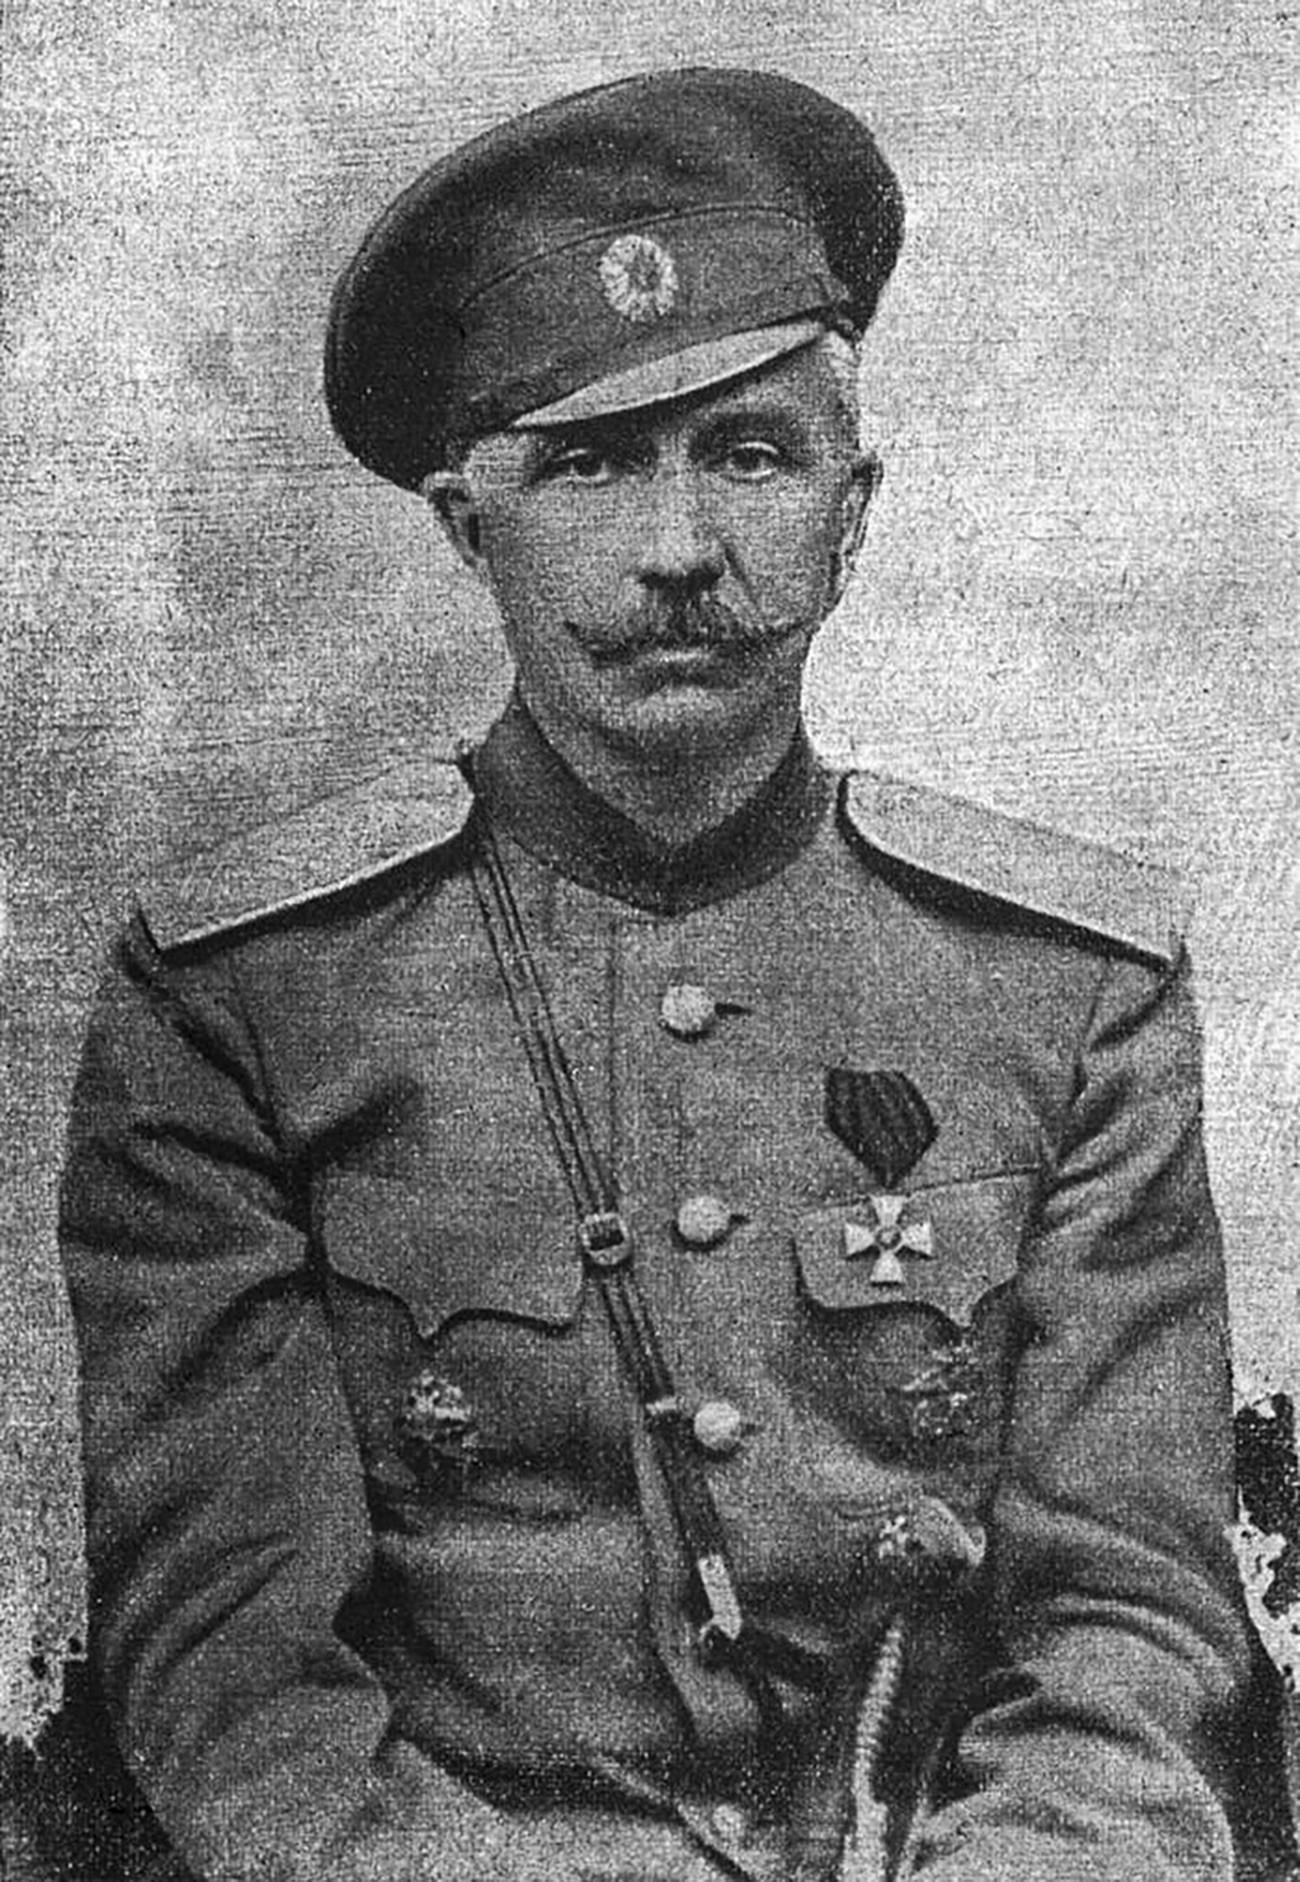 Петар Краснов, генерал-мајор Руске императорске армије, атаман Донске војске, политичар и публициста